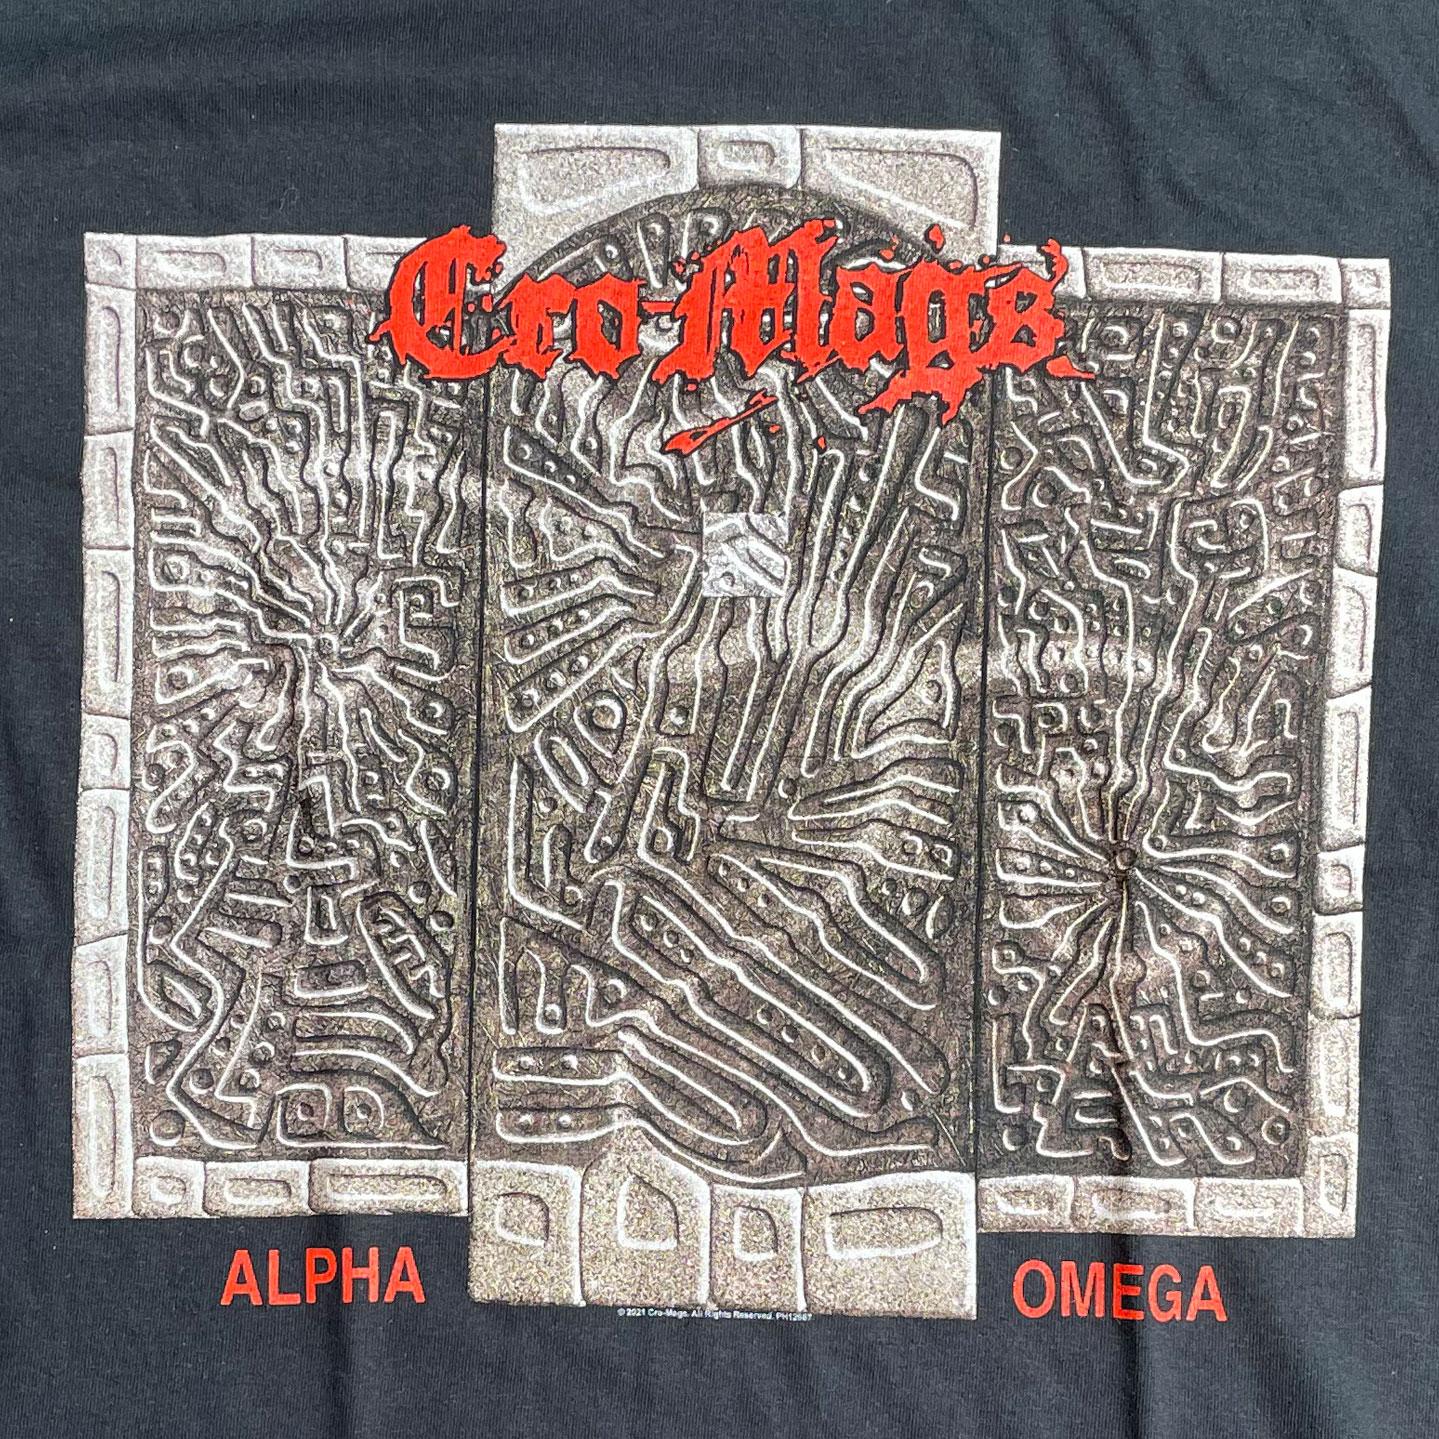 CRO-MAGS Tシャツ ALPHA OMEGA オフィシャル!